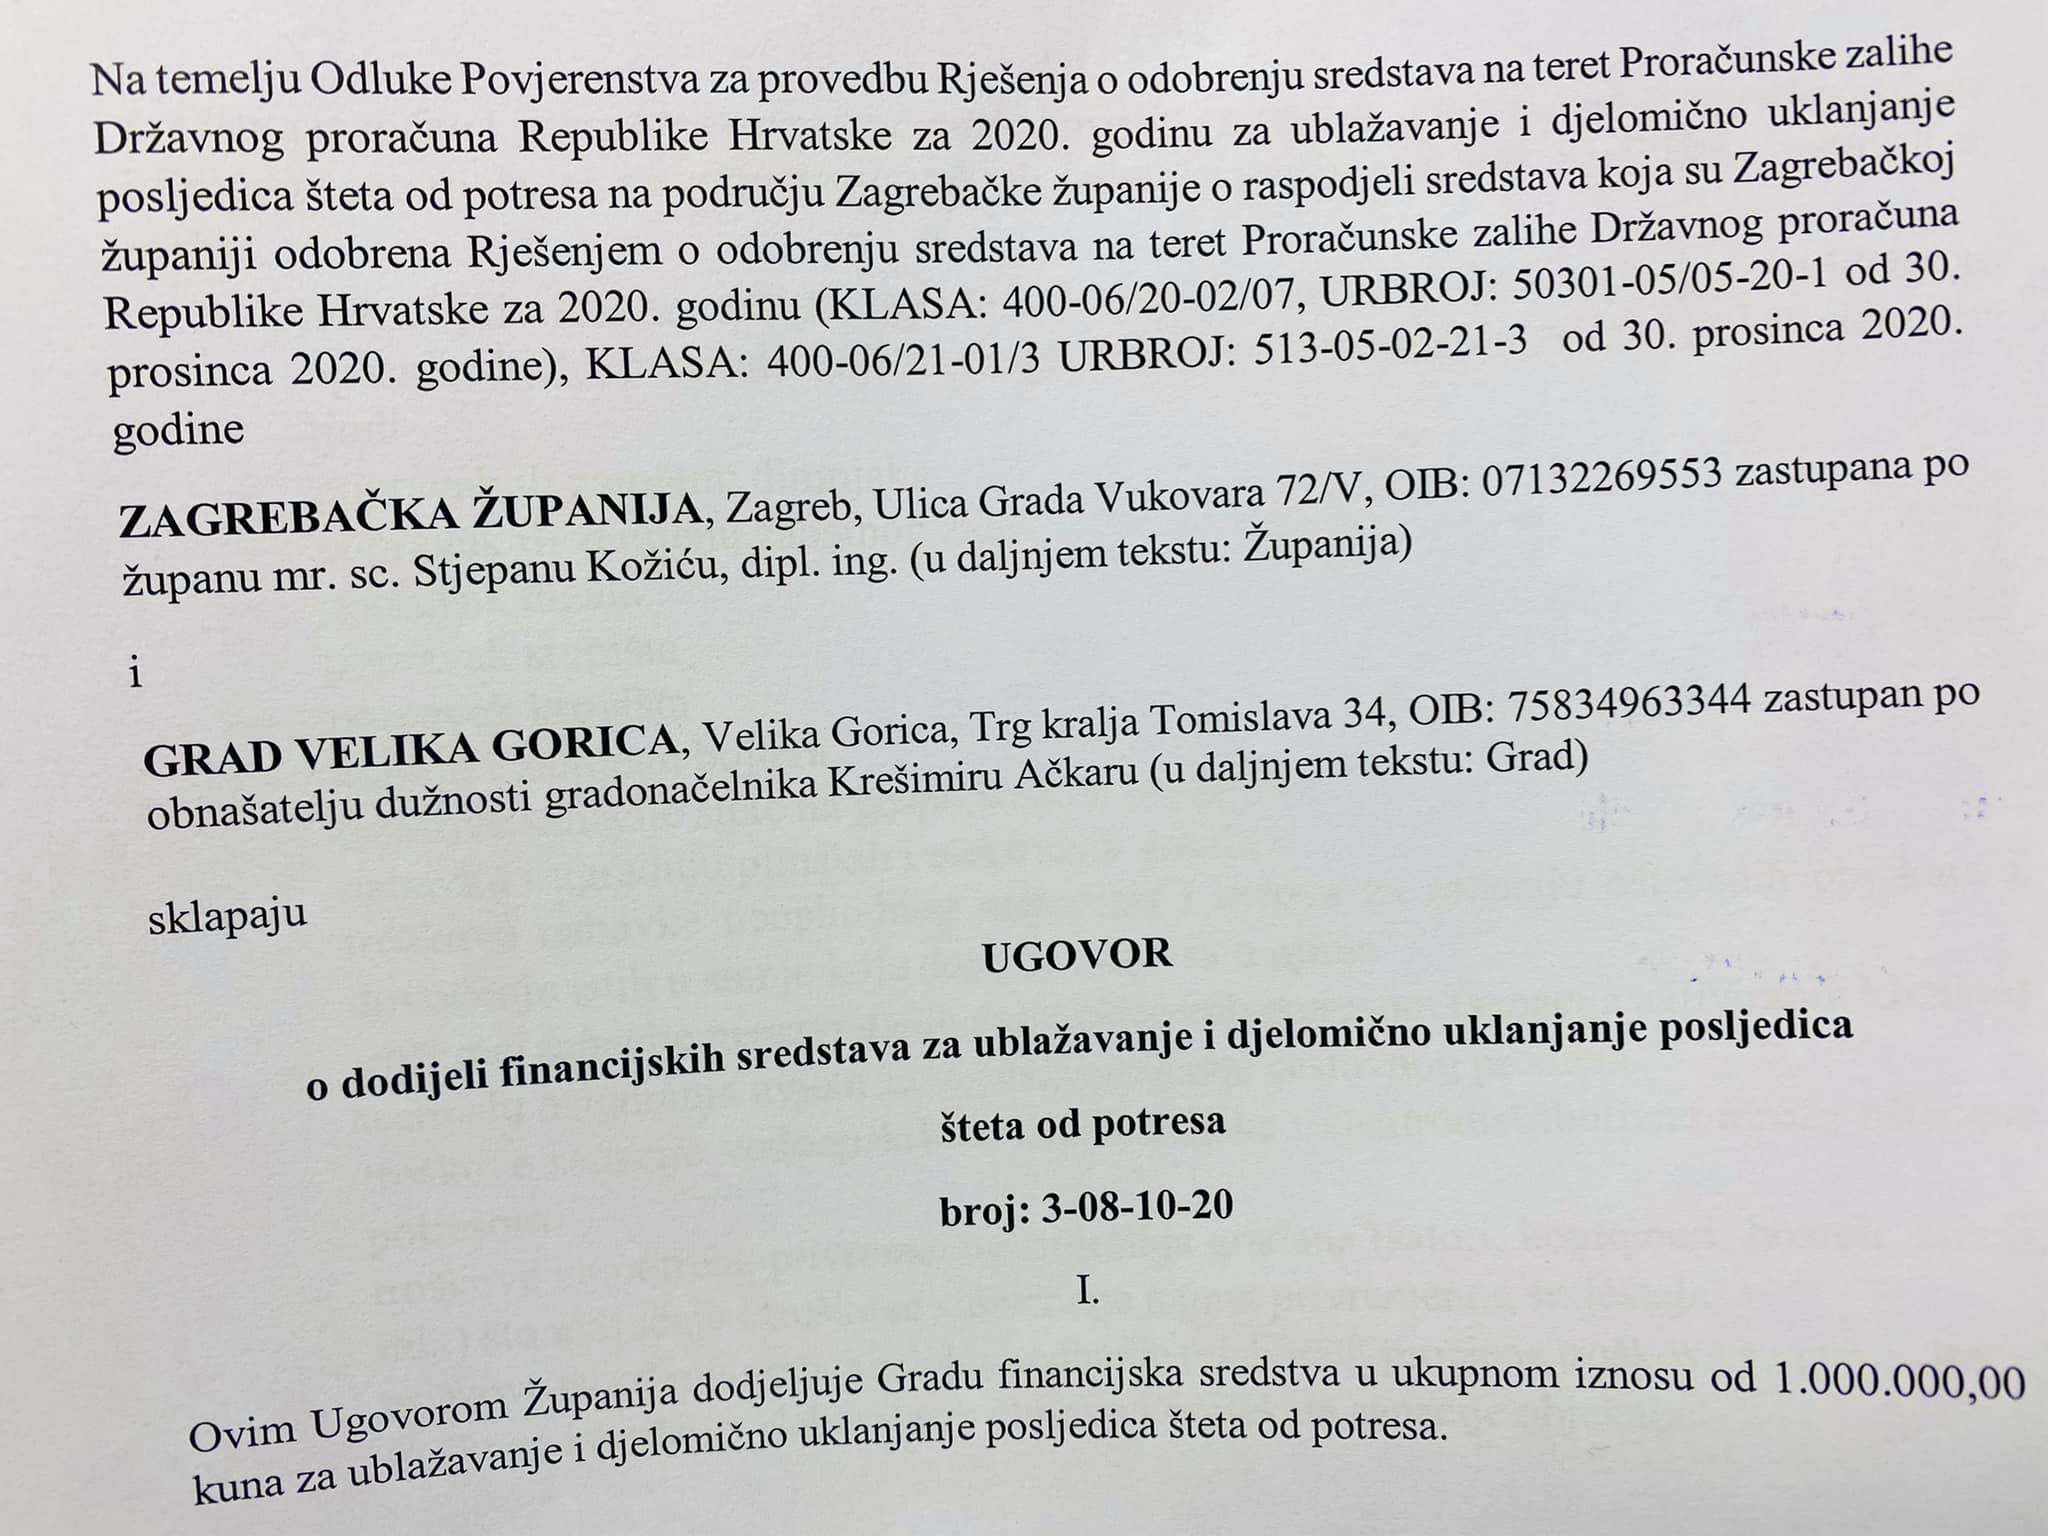 Velika Gorica Dobila Milijun Kuna Za Uklanjanje Posljedica Steta Od Potresa Velika Gorica Online